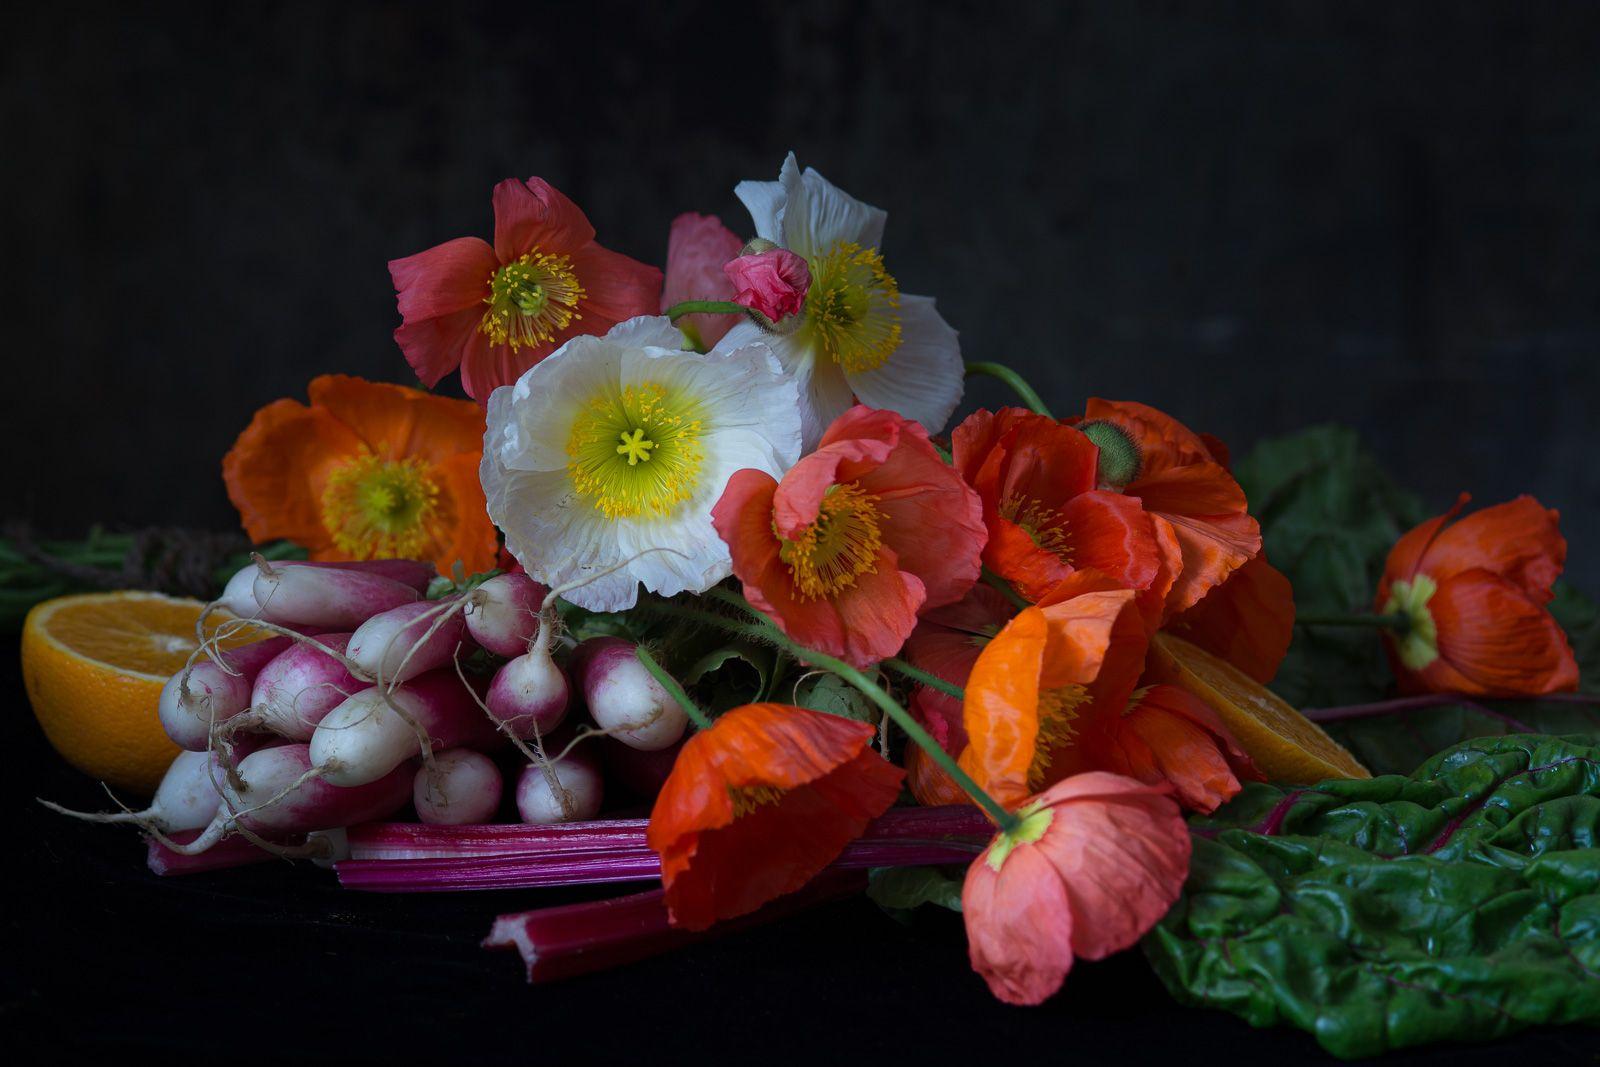 Lynn Karlin_Still Life with Poppies & Radishes.jpg